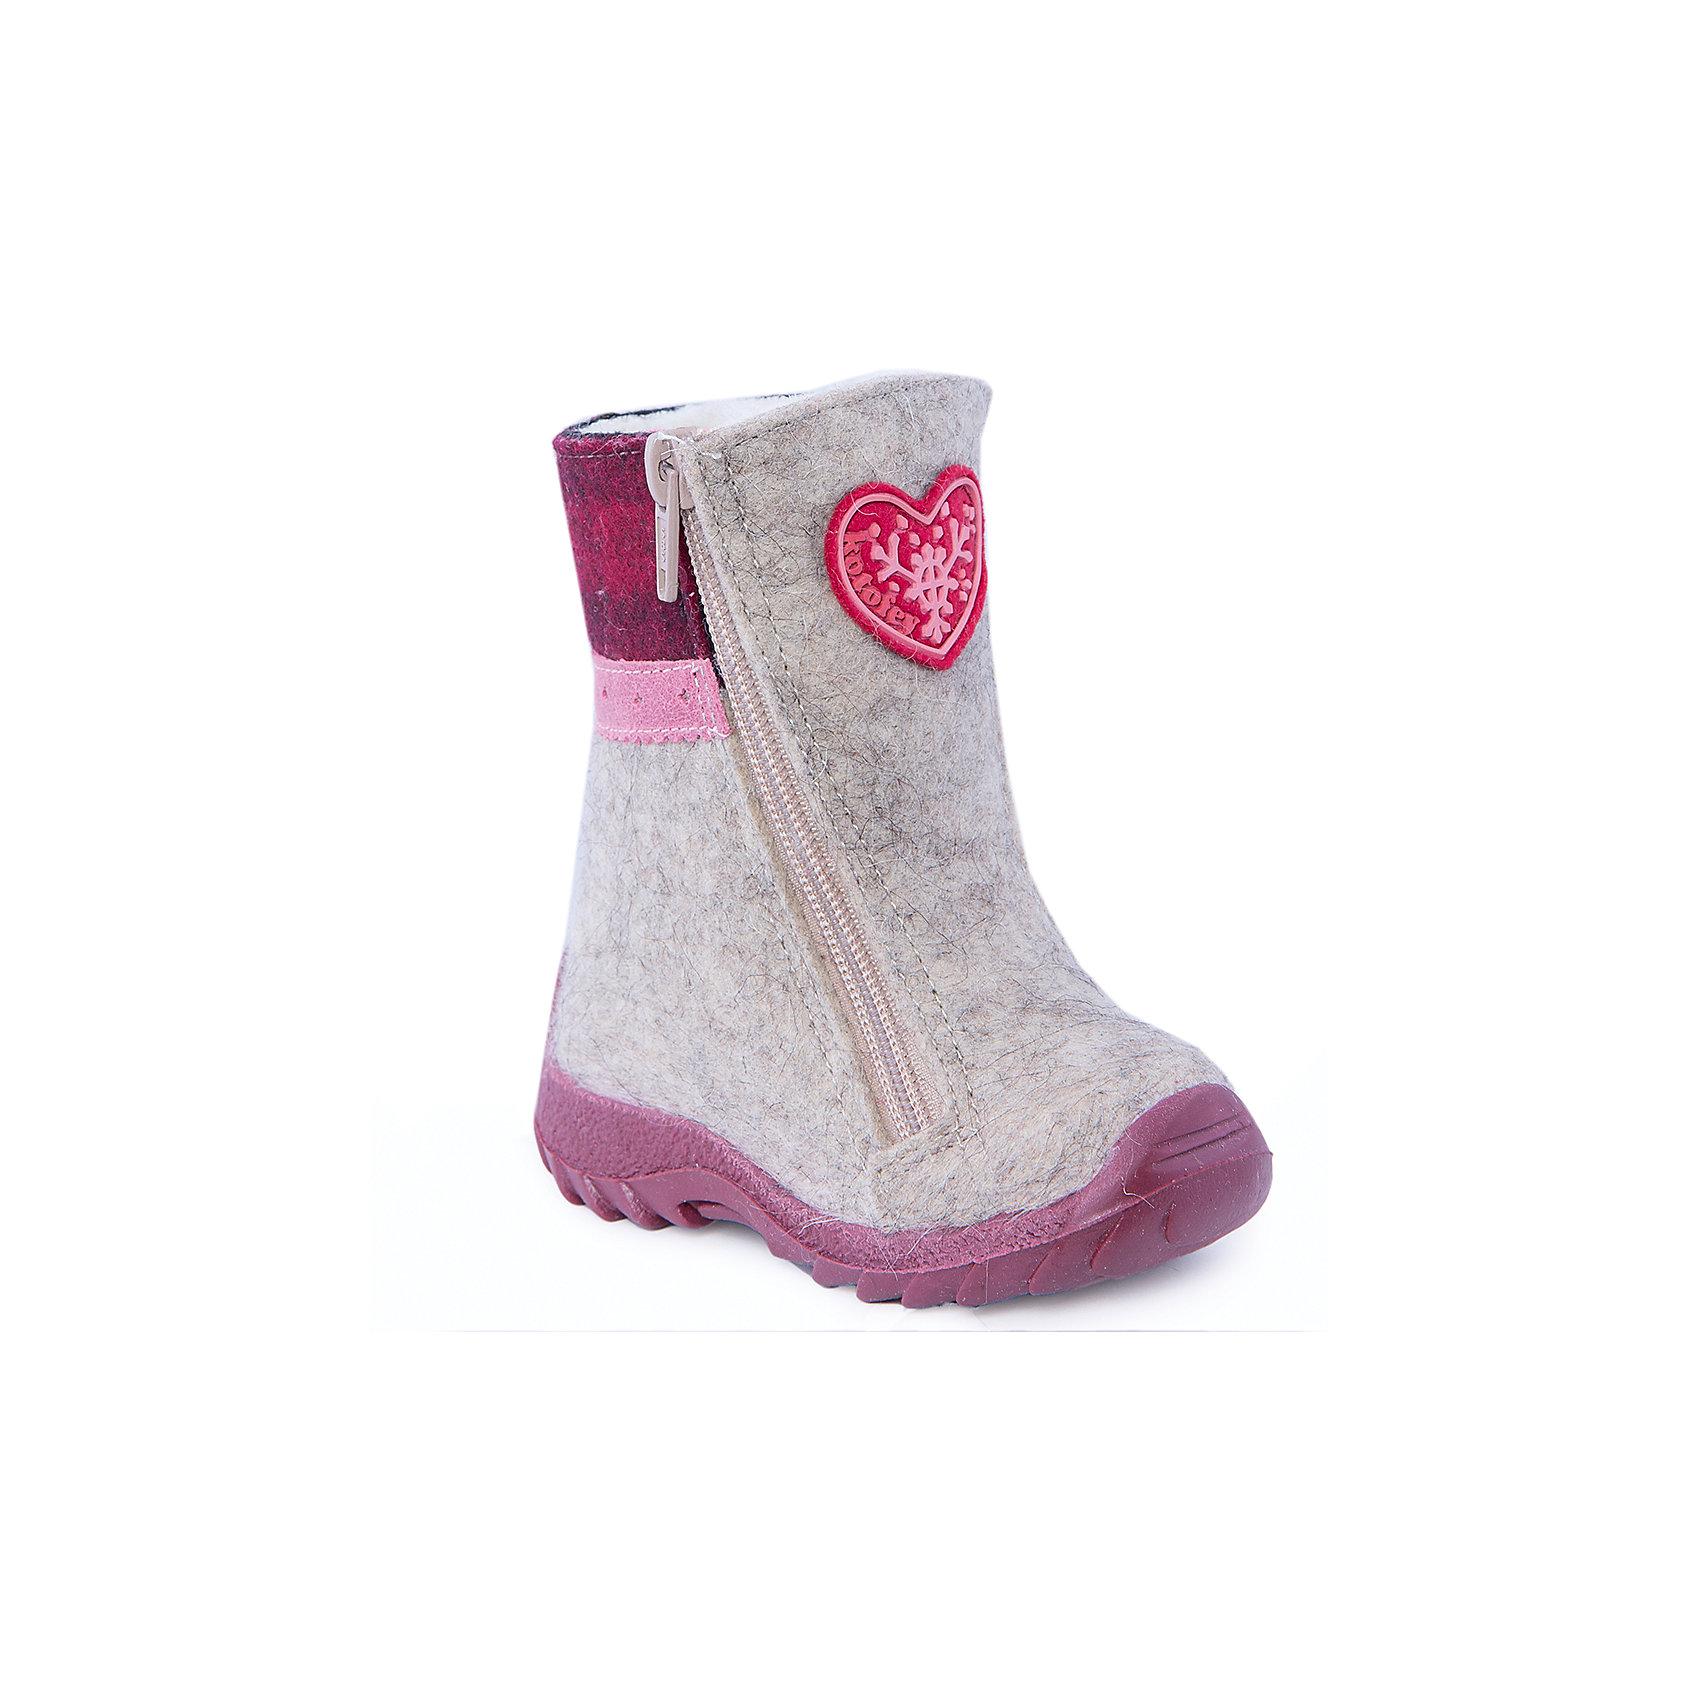 Валенки для девочки КотофейВаленки<br>Валенки для девочки  от известного российского бренда Котофей<br><br>Теплые и удобные валенки помогут защитить детские ножки от сырости и холода. Они легко надеваются, комфортно садятся по ноге.<br><br>Особенности модели: <br><br>- цвет - серый;<br>- стильный дизайн;<br>- нашивка в виде сердечка;<br>- защита пятки и пальцев;<br>- удобная колодка;<br>- подкладка утепленная;<br>- вид крепления – клеевой;<br>- амортизирующая подошва;<br>- застежка - молния.<br><br>Дополнительная информация:<br><br>Температурный режим: <br><br>от 0° С до -25° С<br><br>Состав:<br>верх – войлок;<br>подкладка - шерстяной мех;<br>подошва - ТЭП.<br><br>Валенки для девочки Котофей можно купить в нашем магазине.<br><br>Ширина мм: 257<br>Глубина мм: 180<br>Высота мм: 130<br>Вес г: 420<br>Цвет: серый<br>Возраст от месяцев: 15<br>Возраст до месяцев: 18<br>Пол: Женский<br>Возраст: Детский<br>Размер: 22,21,24,23<br>SKU: 4315219